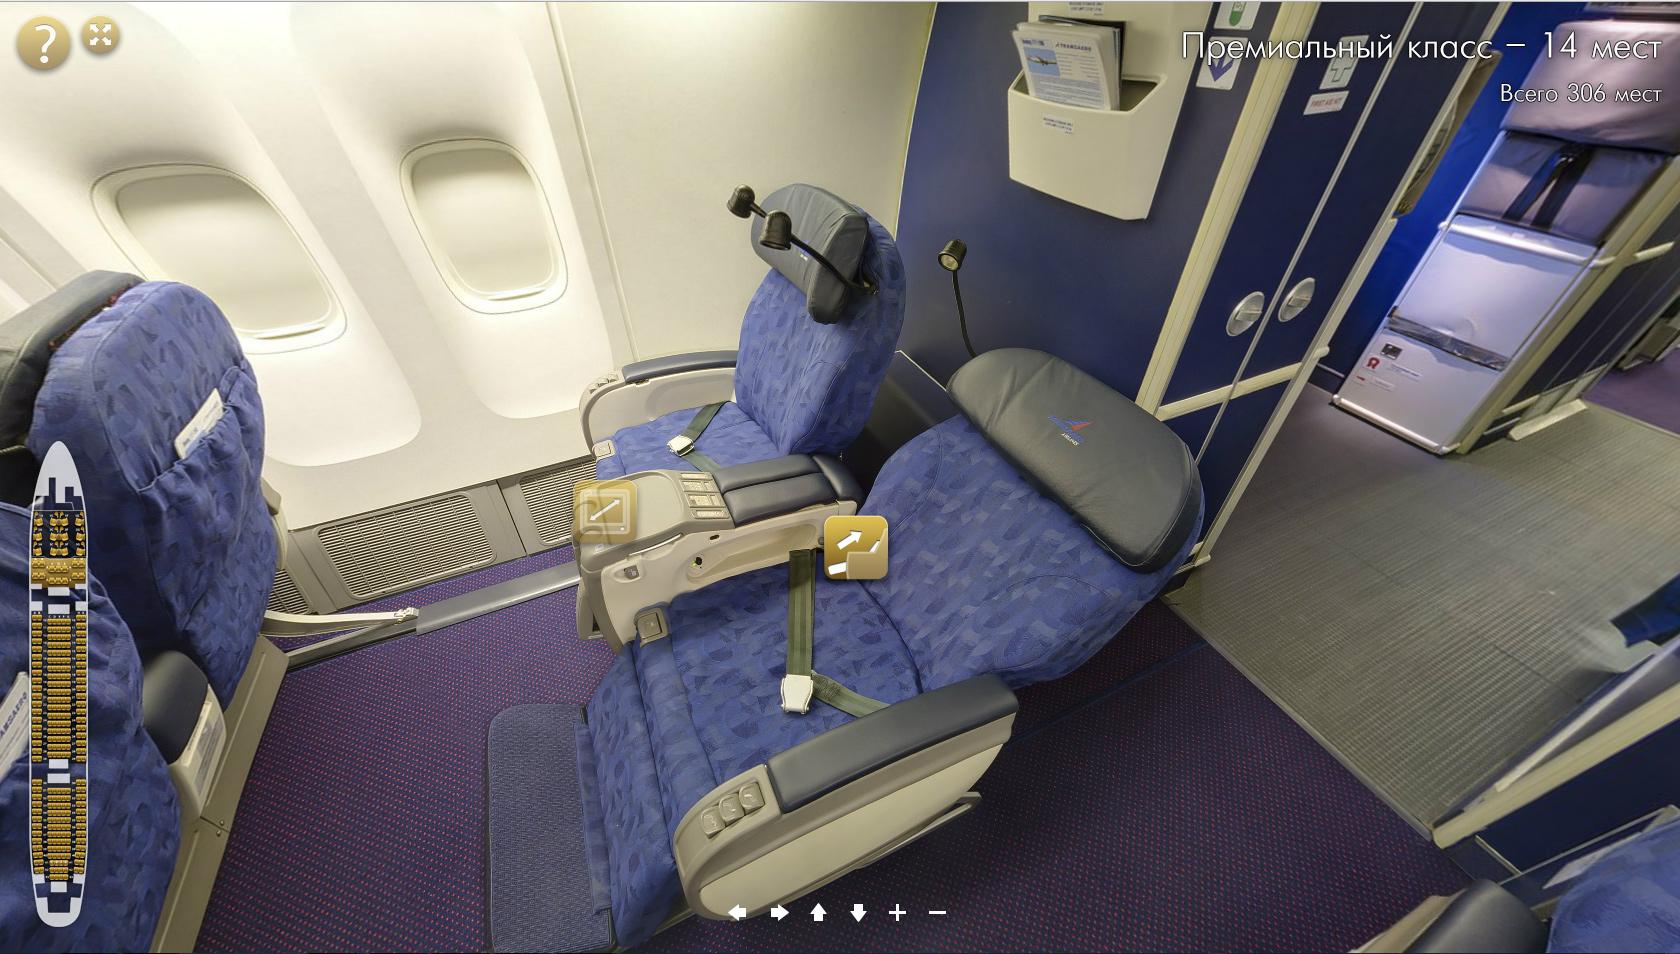 бизнес класс боинг 777 фото